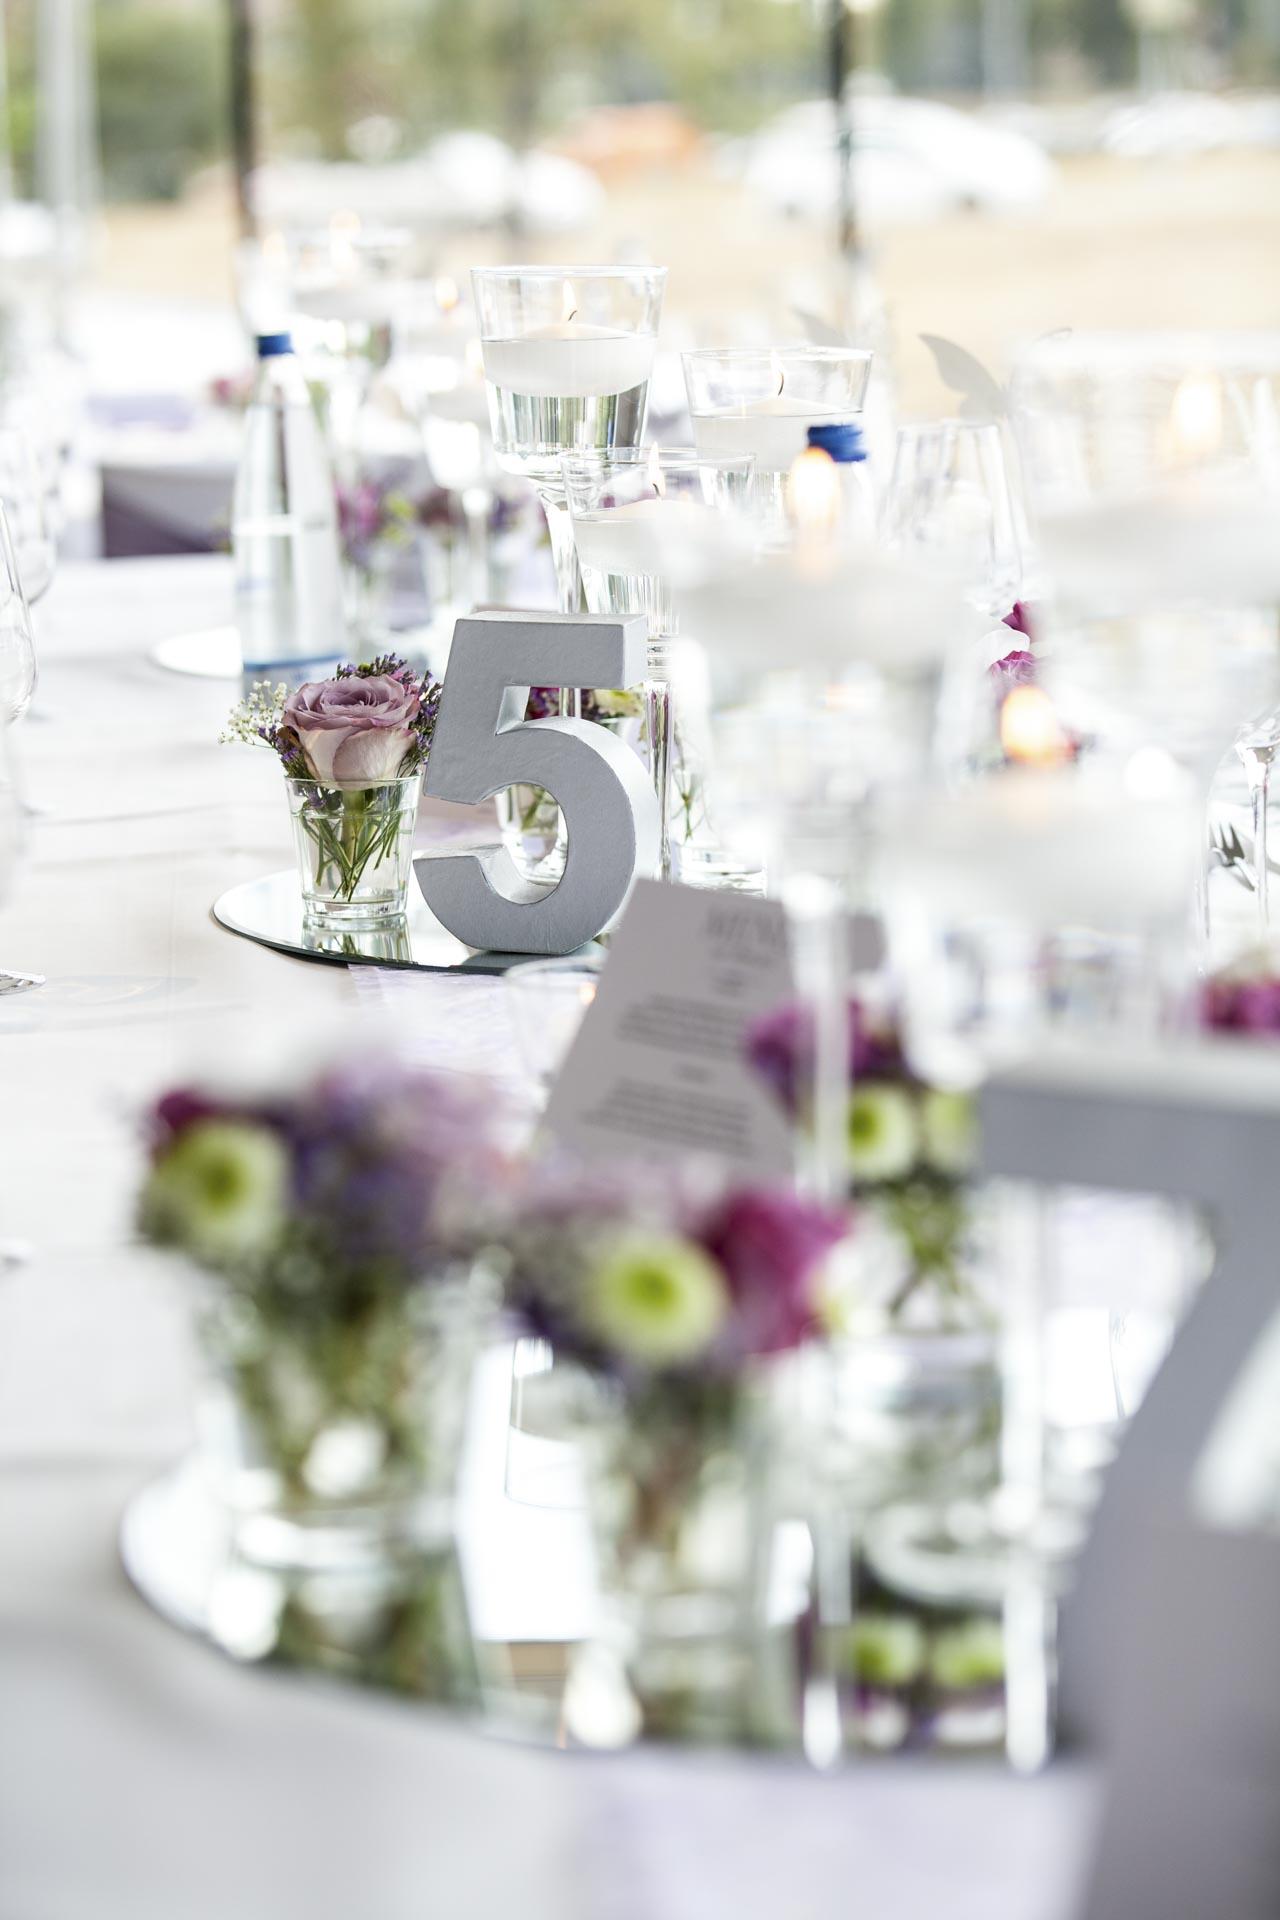 Hochzeit-Details-Deko-002